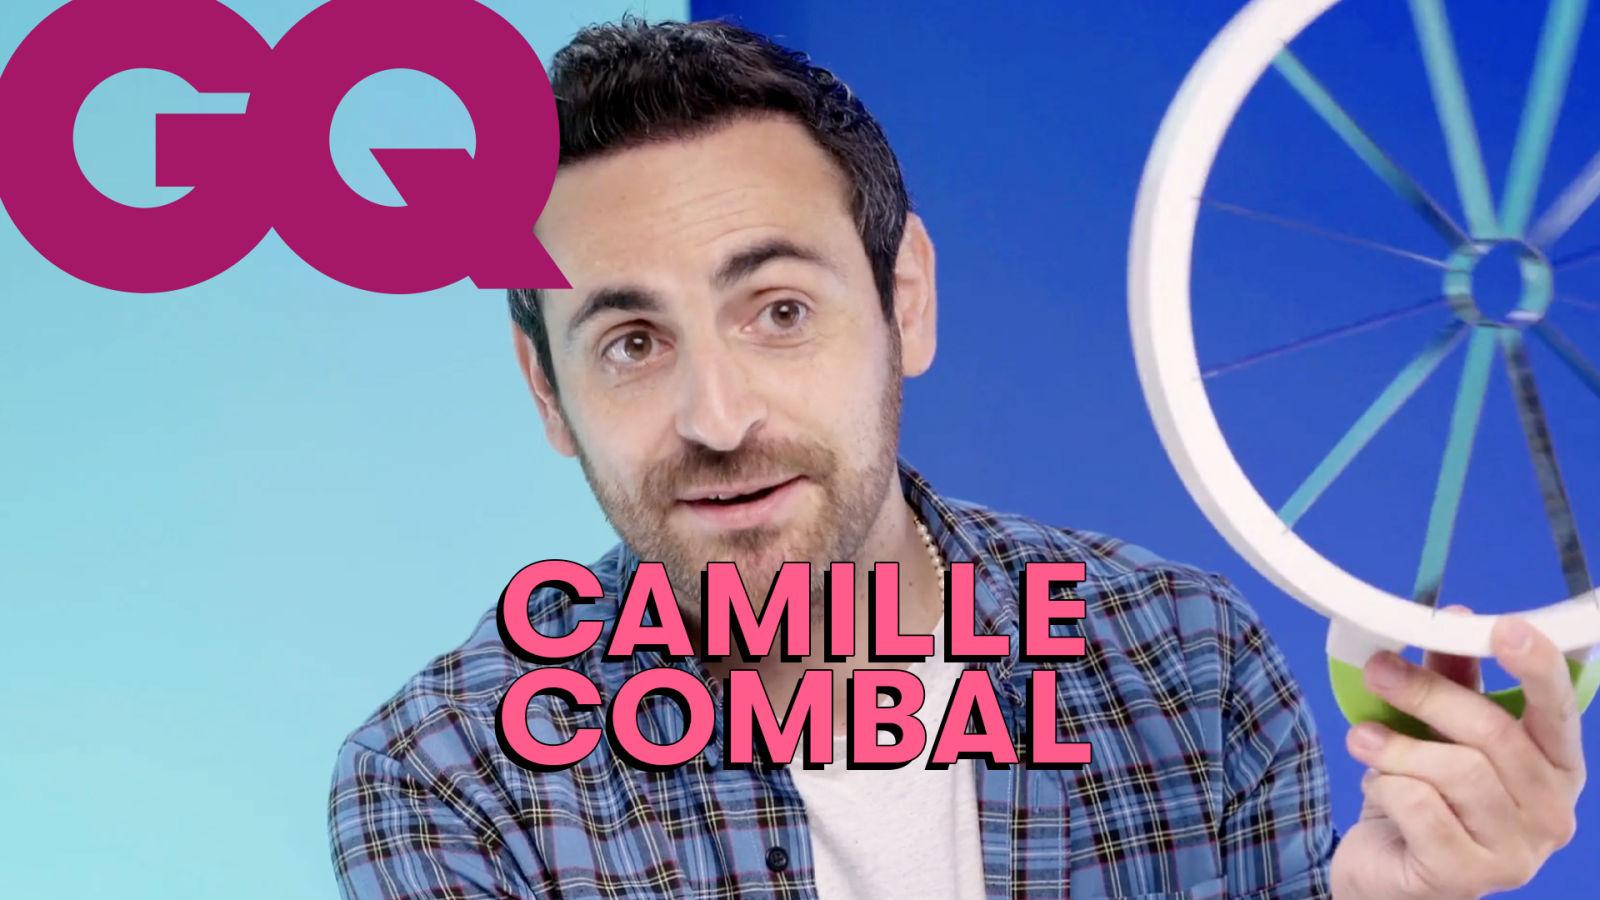 Les 10 Essentiels de Camille Combal (Coupe pastèque, étiqueteuse et sirop d'Orgeat)